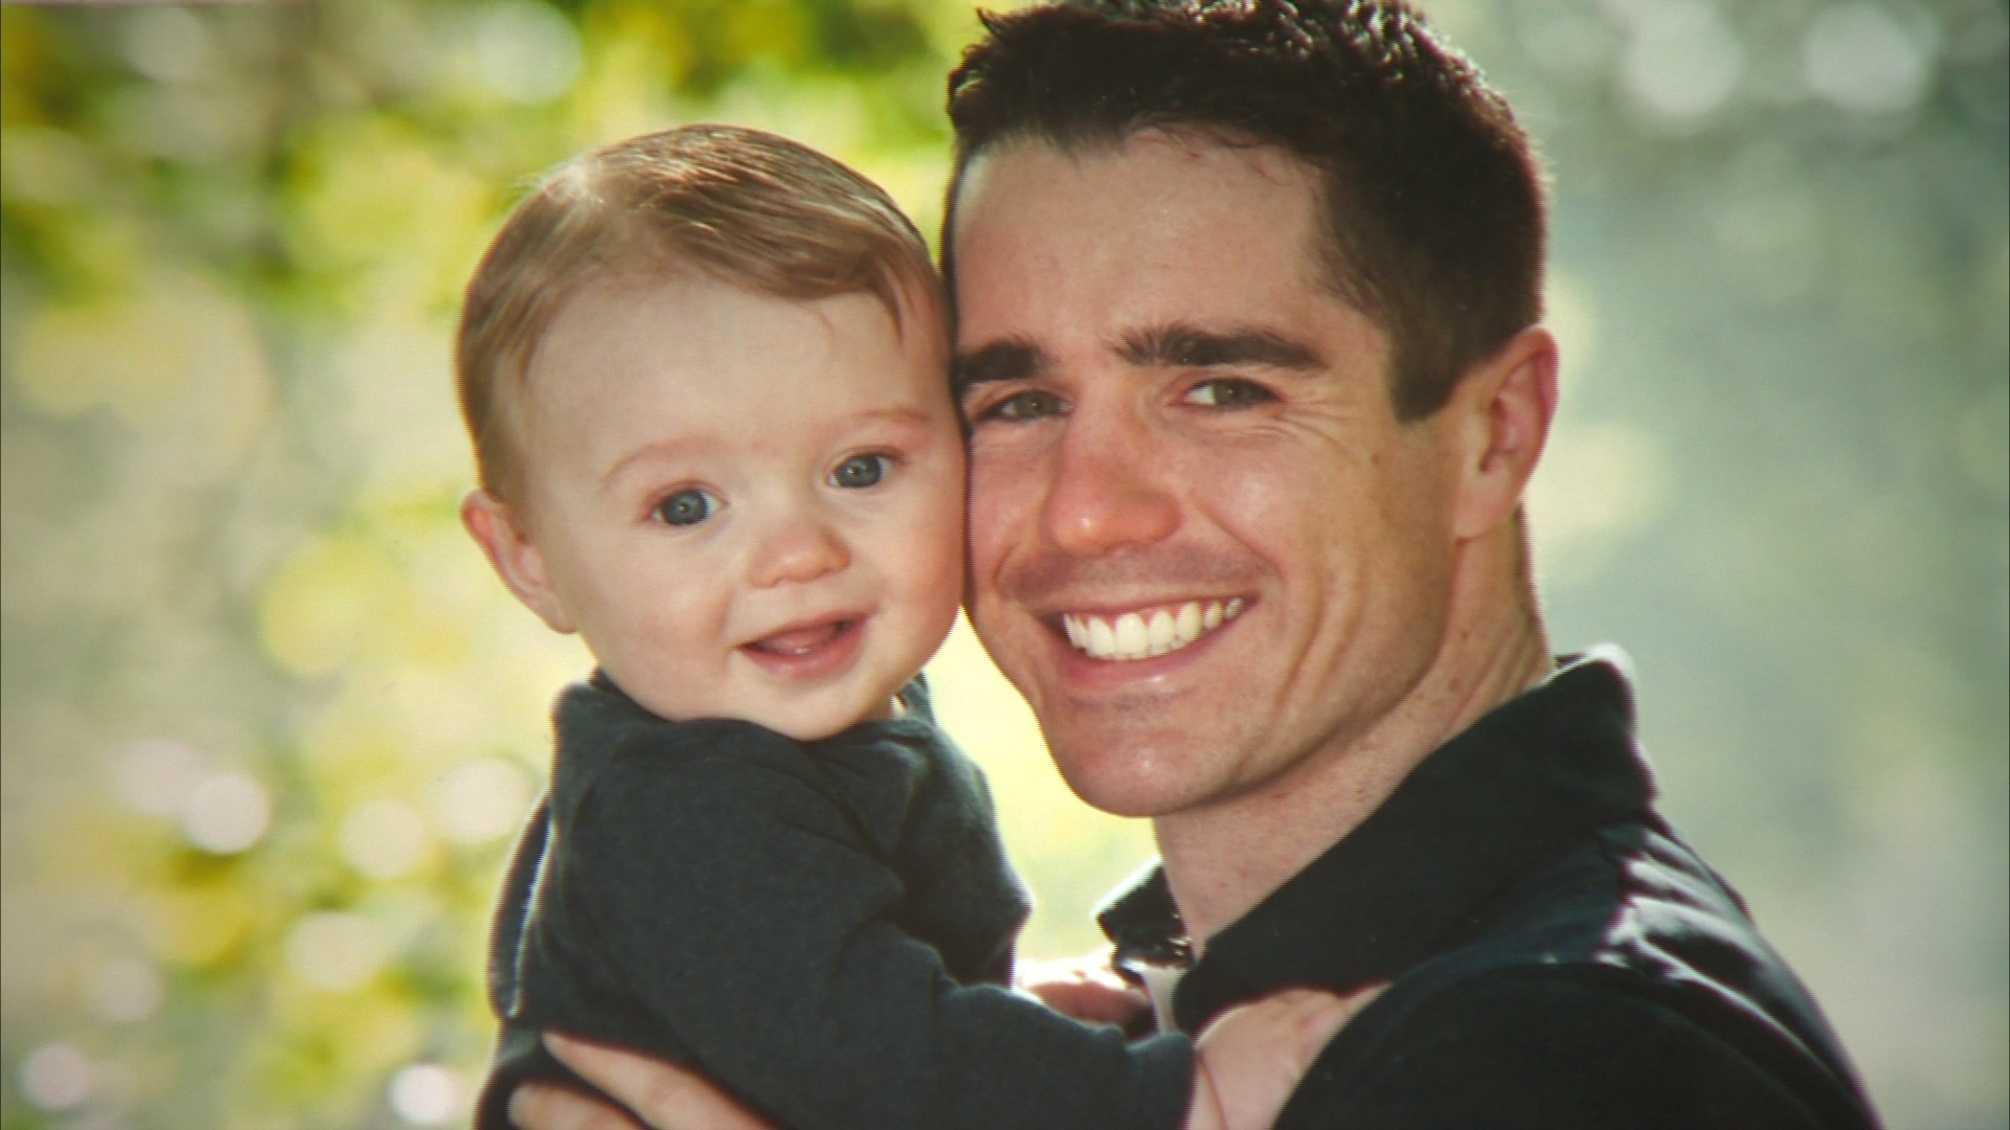 Sean Ruane and son.jpg